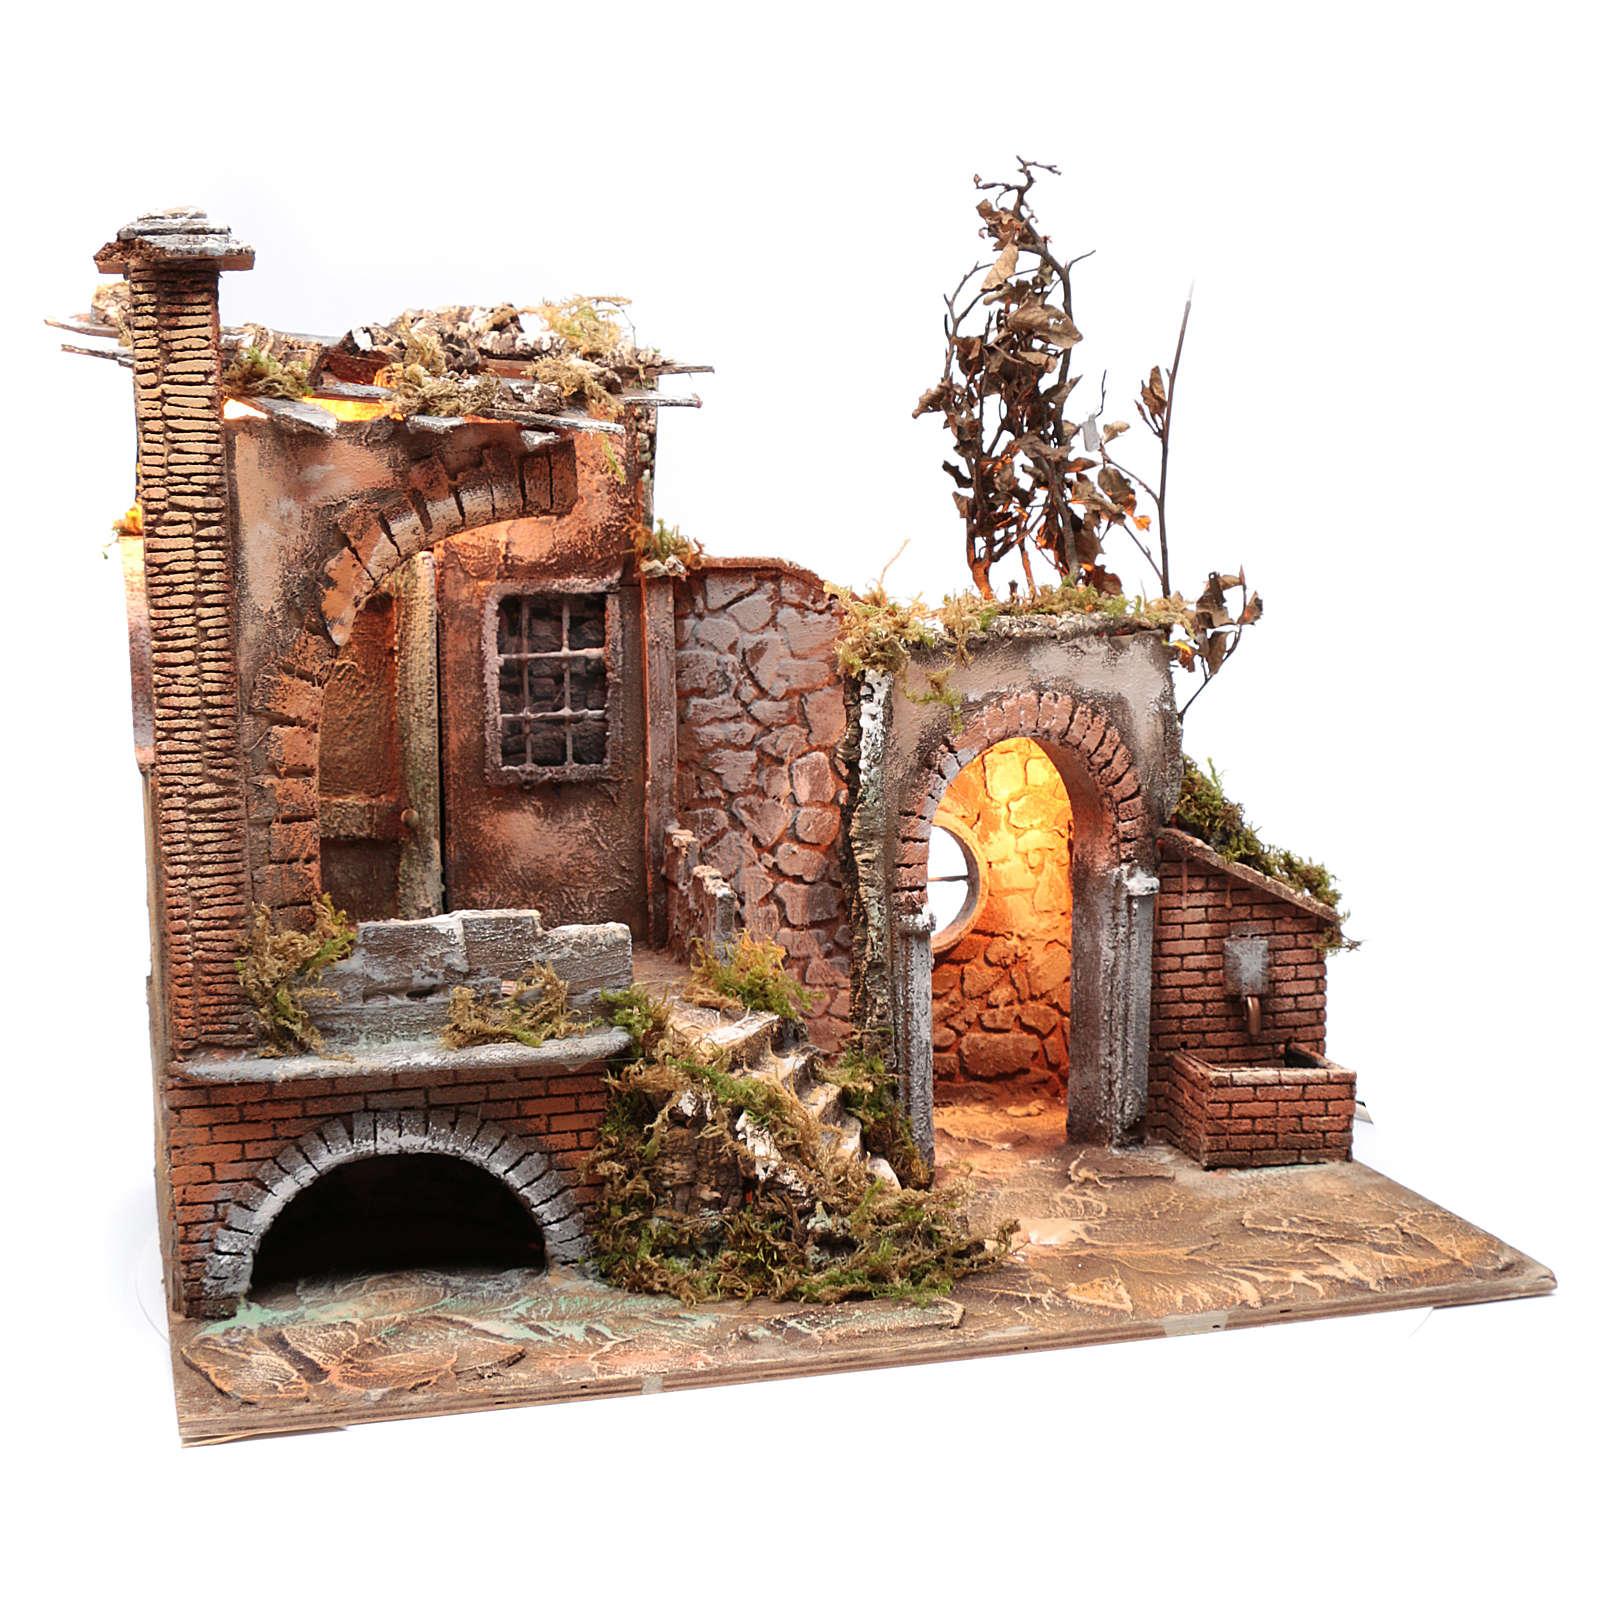 Ambientación cortijo moro con portal 35x60x25 cm pesebre Nápoles 4